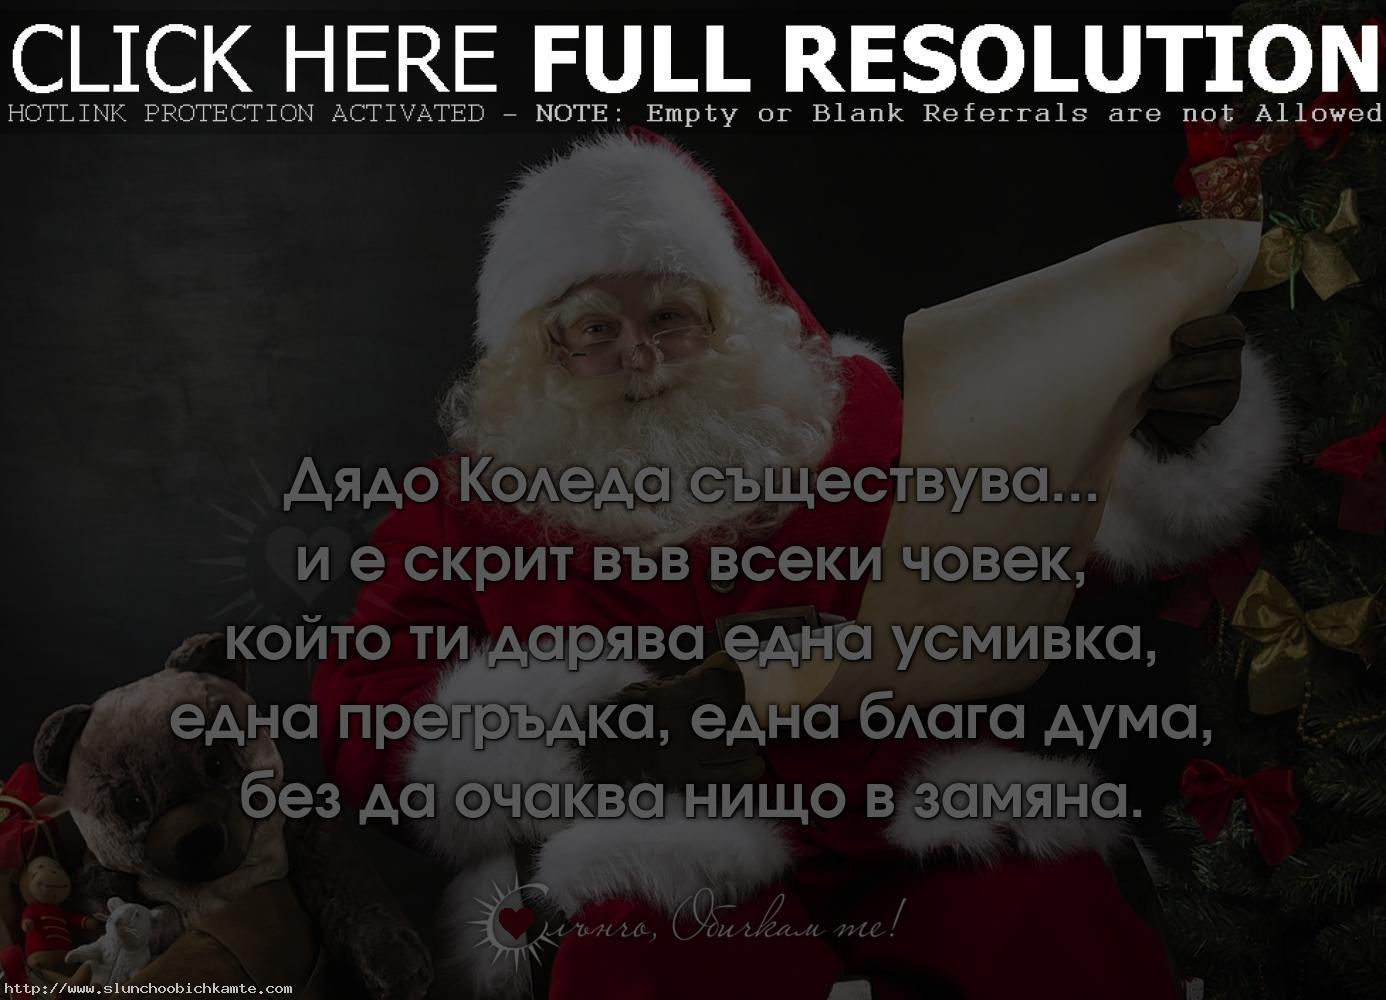 Дядо коледа съществува и е скрит във всеки човек, който ти дарява една усмивка, една прегръдка, една блага дума, без да очаква нищо в замяна. - Коледа 2019, дядо коледа, коледни статуси, коледни мисли, коледни фрази, коледни цитати, коледен подарък, коледно настроение, слънчо обичкам те коледа